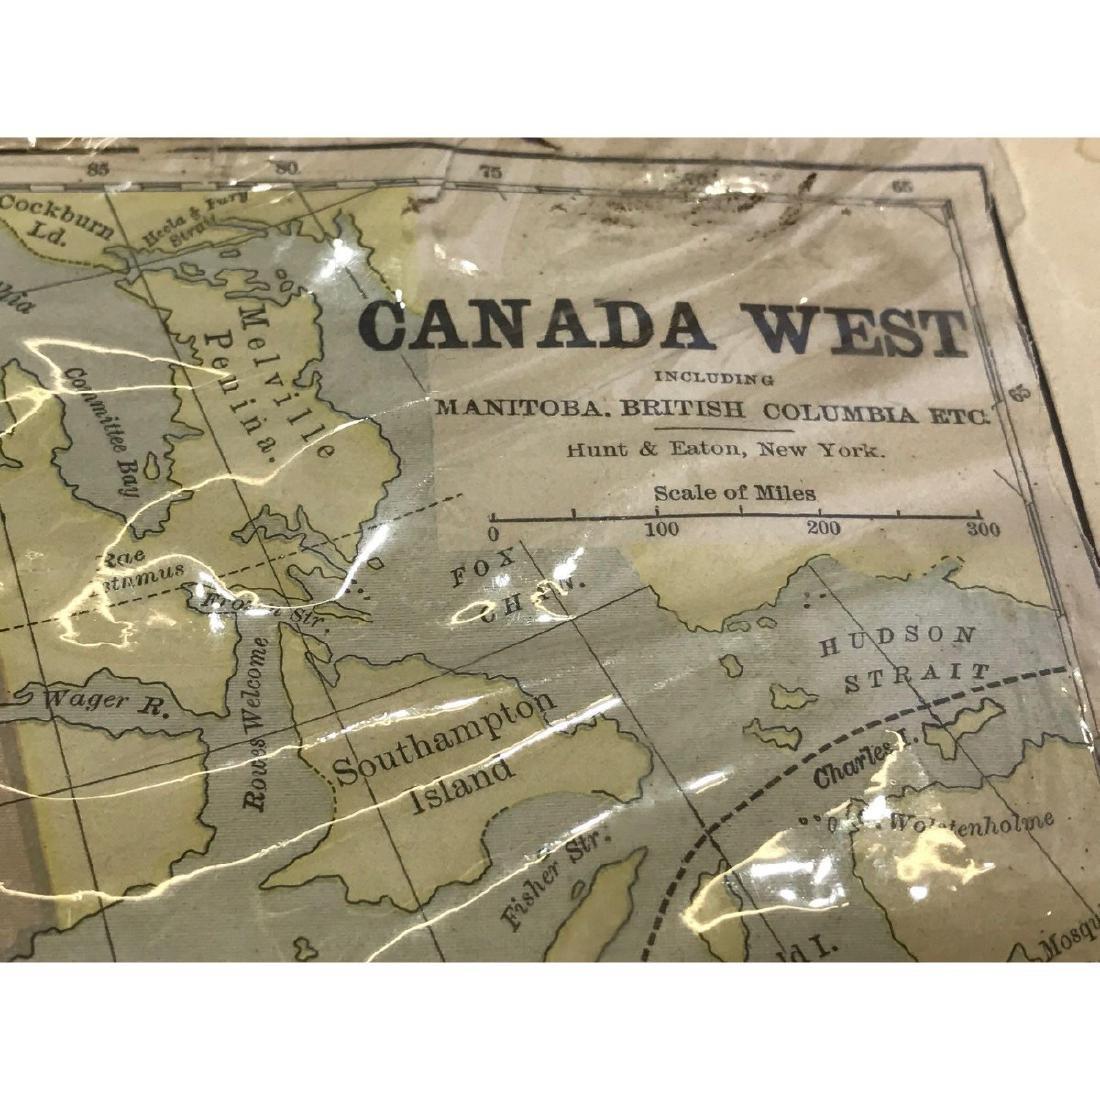 Western Canada Map - 2